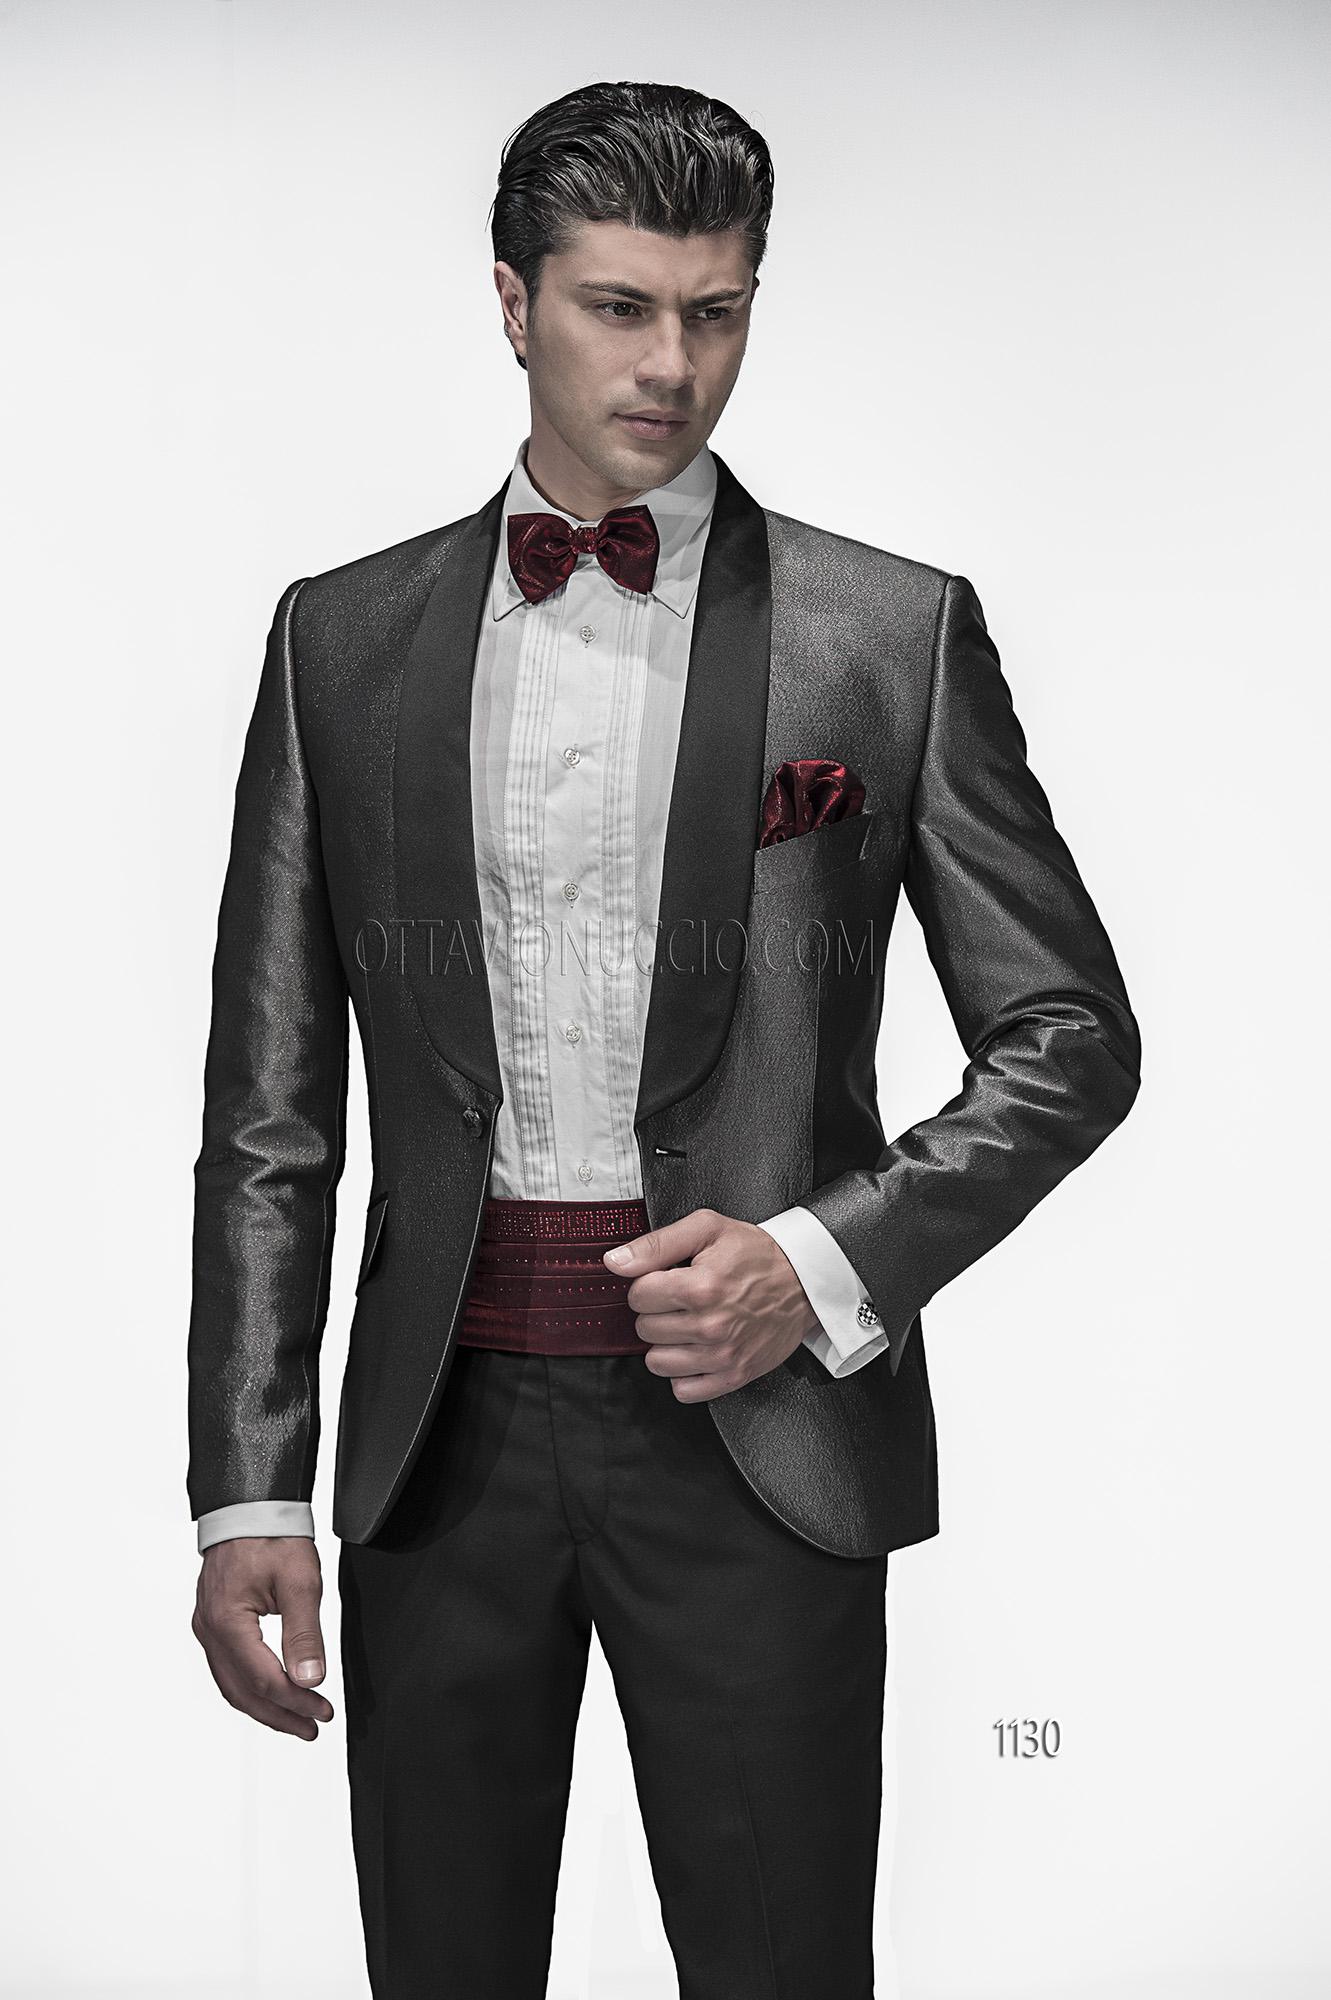 new products 7619d ef8e2 Abito da sposo uomo con giacca effetto jeans nero e argento